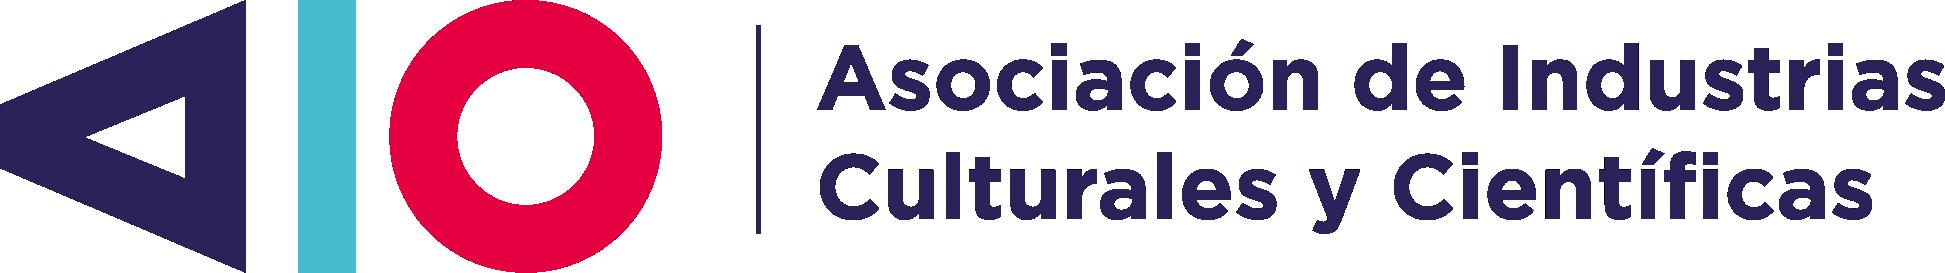 AICC – Asociación de Industrias Culturales y Científicas